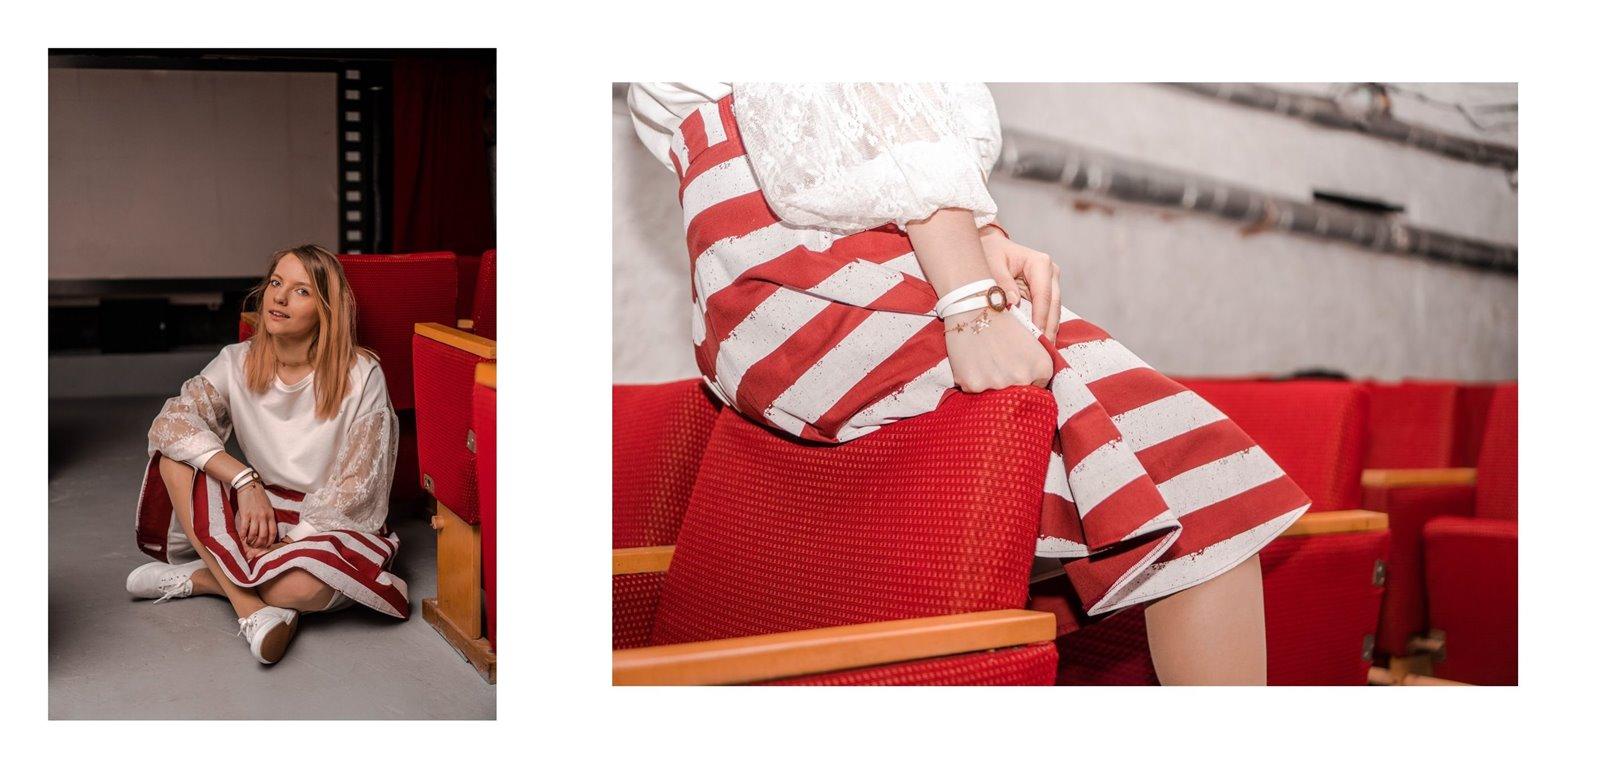 11a Skirt story spódnice szyte na miarę krawiectwo krawcowa online pomysł na prezent dla żony narzeczonej mamy szycie spódnic kraków łódź stylowe hotele stare kino w łodzi opinie recenzje pokoje gdzie się zatrzymać